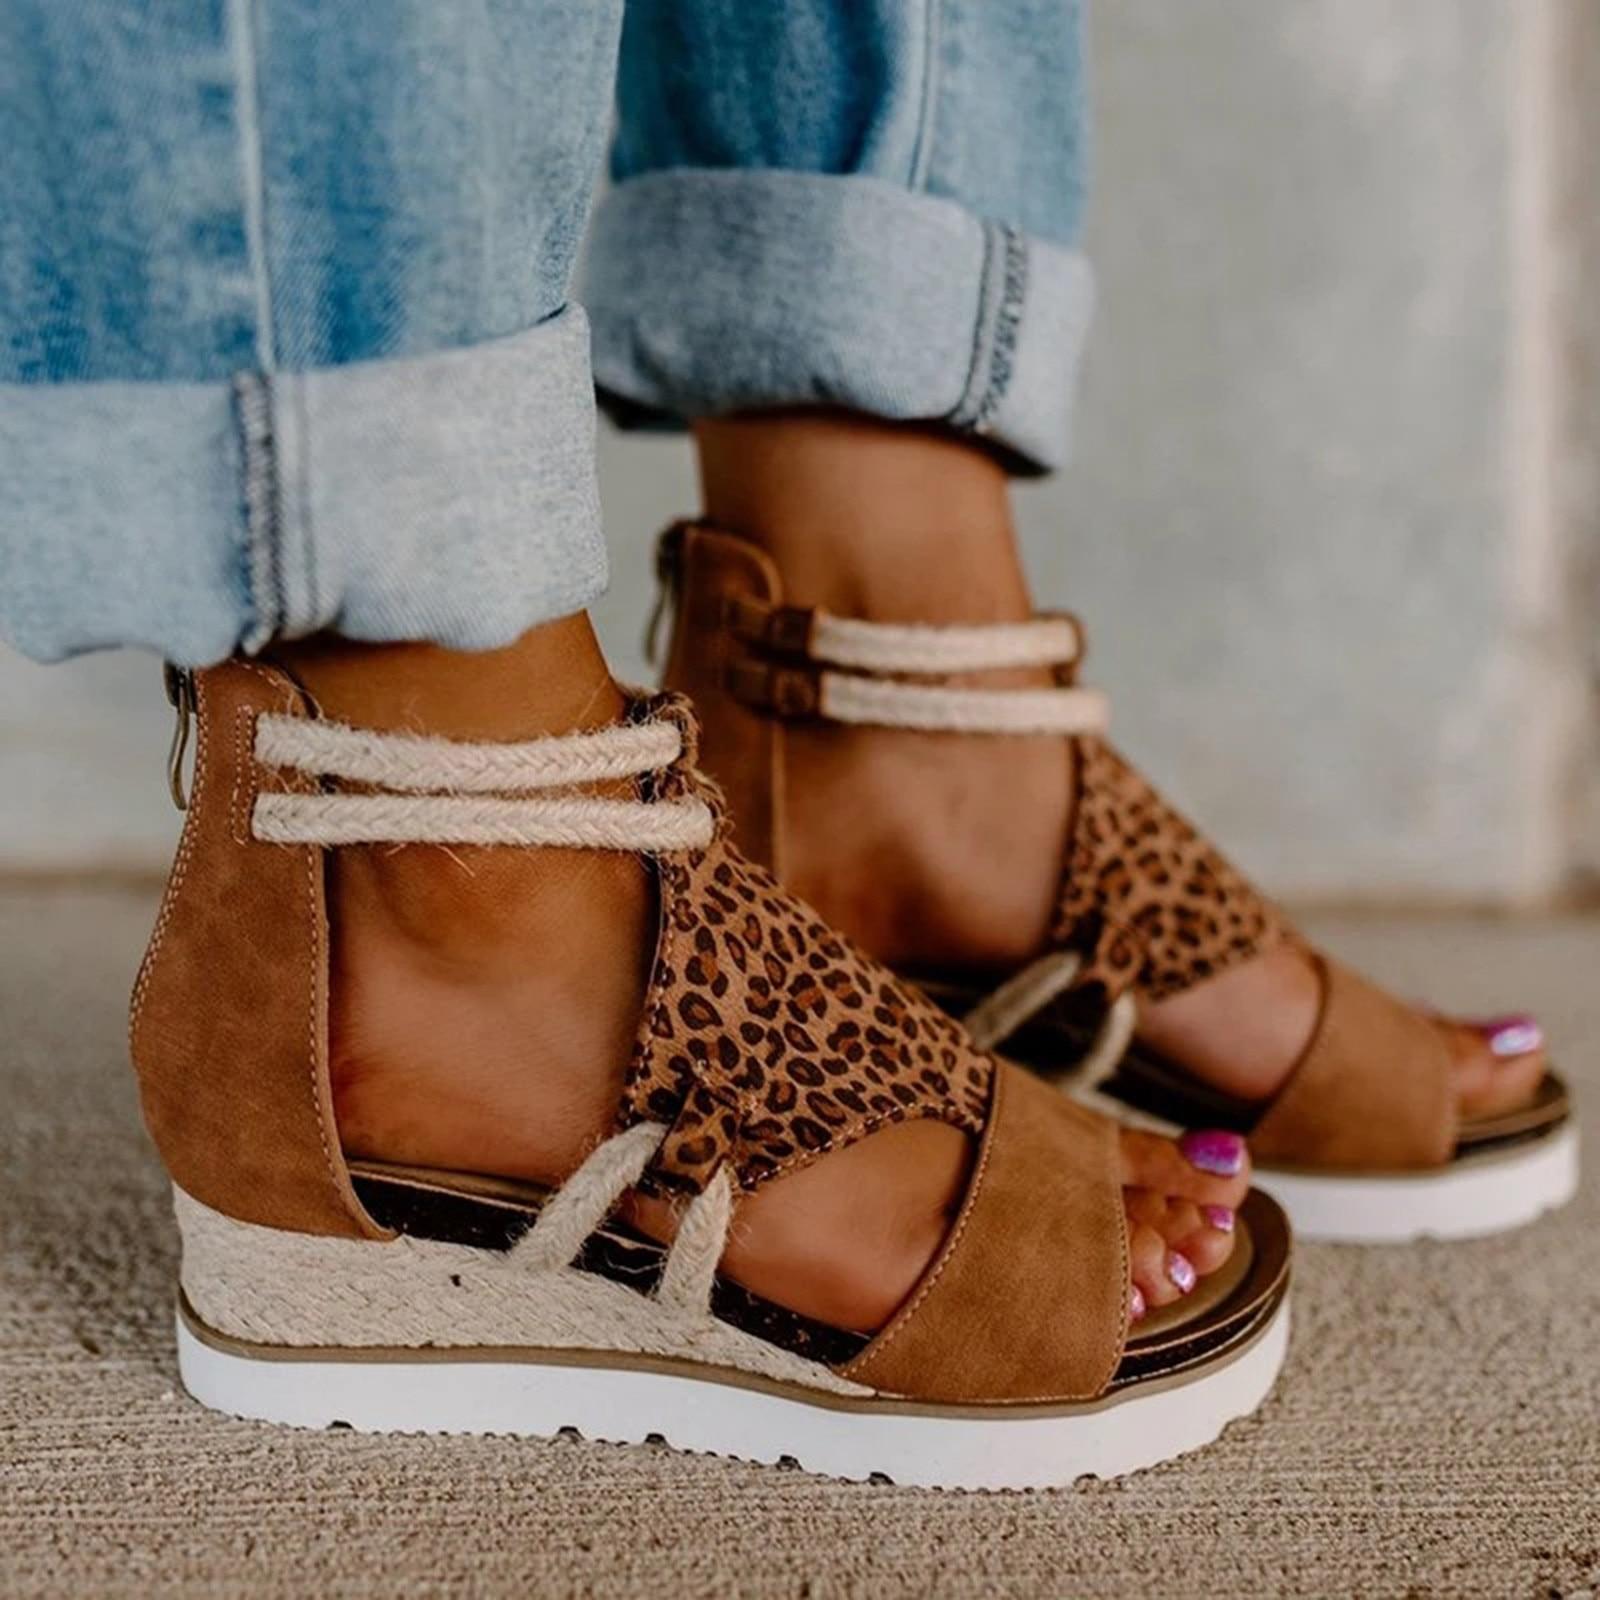 Sandalias de Tacón de Cuña para mujer y zapatos de punta abierta...